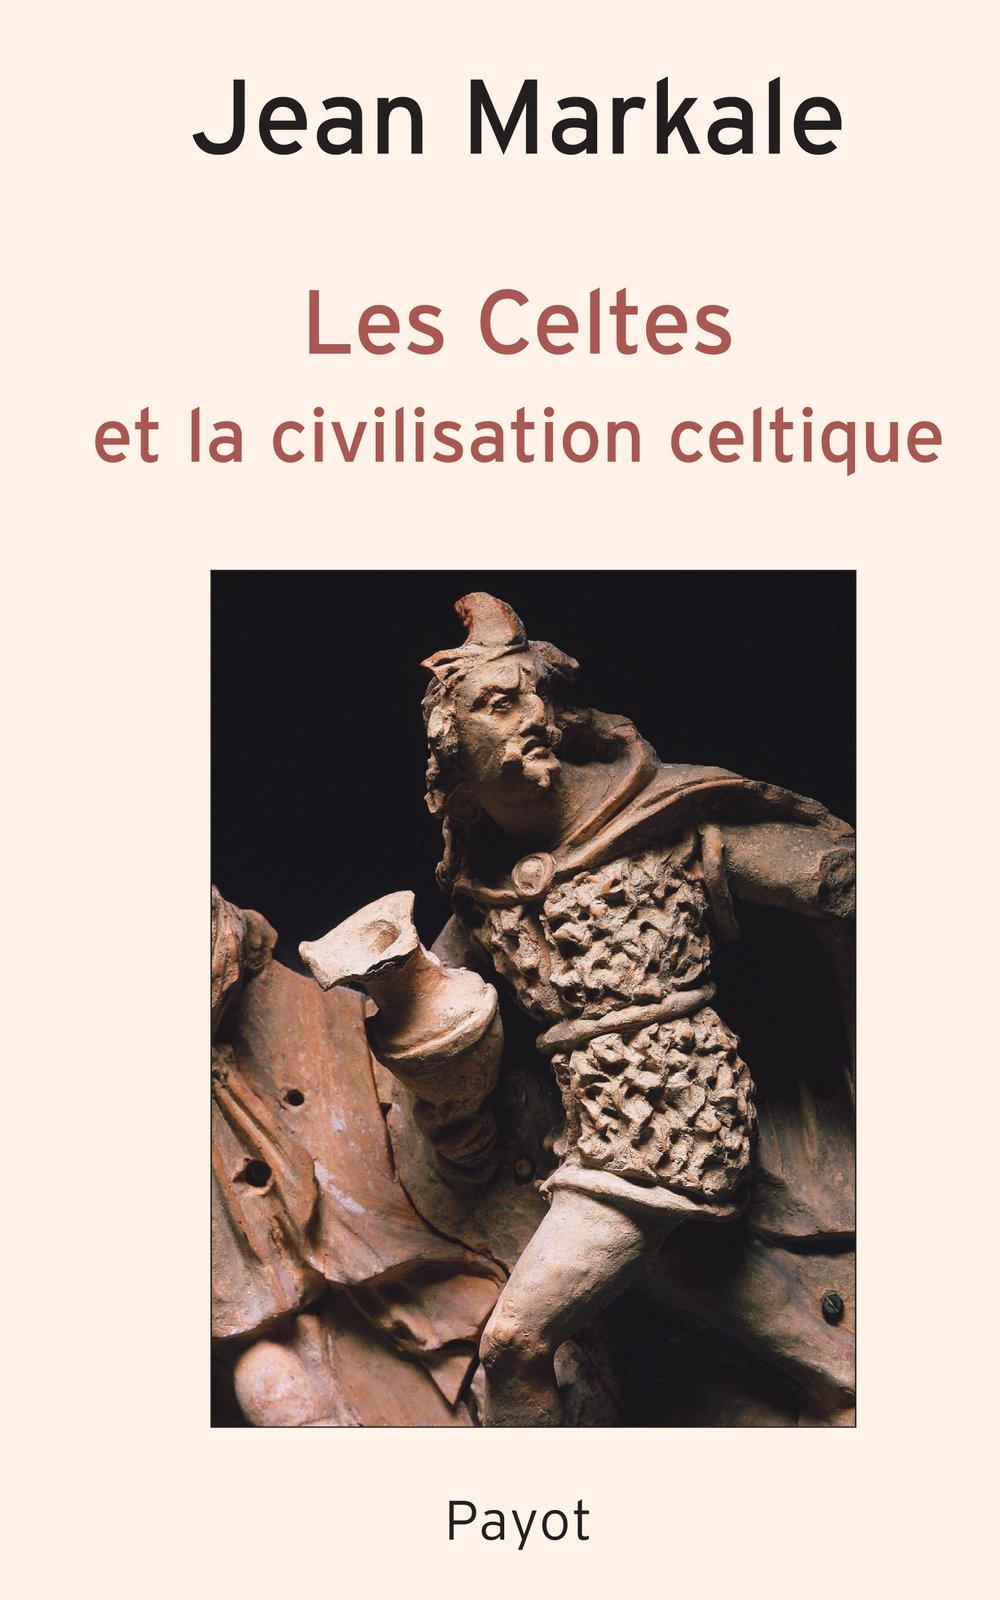 Les Celtes et la civilisation celtique - Jean Markale